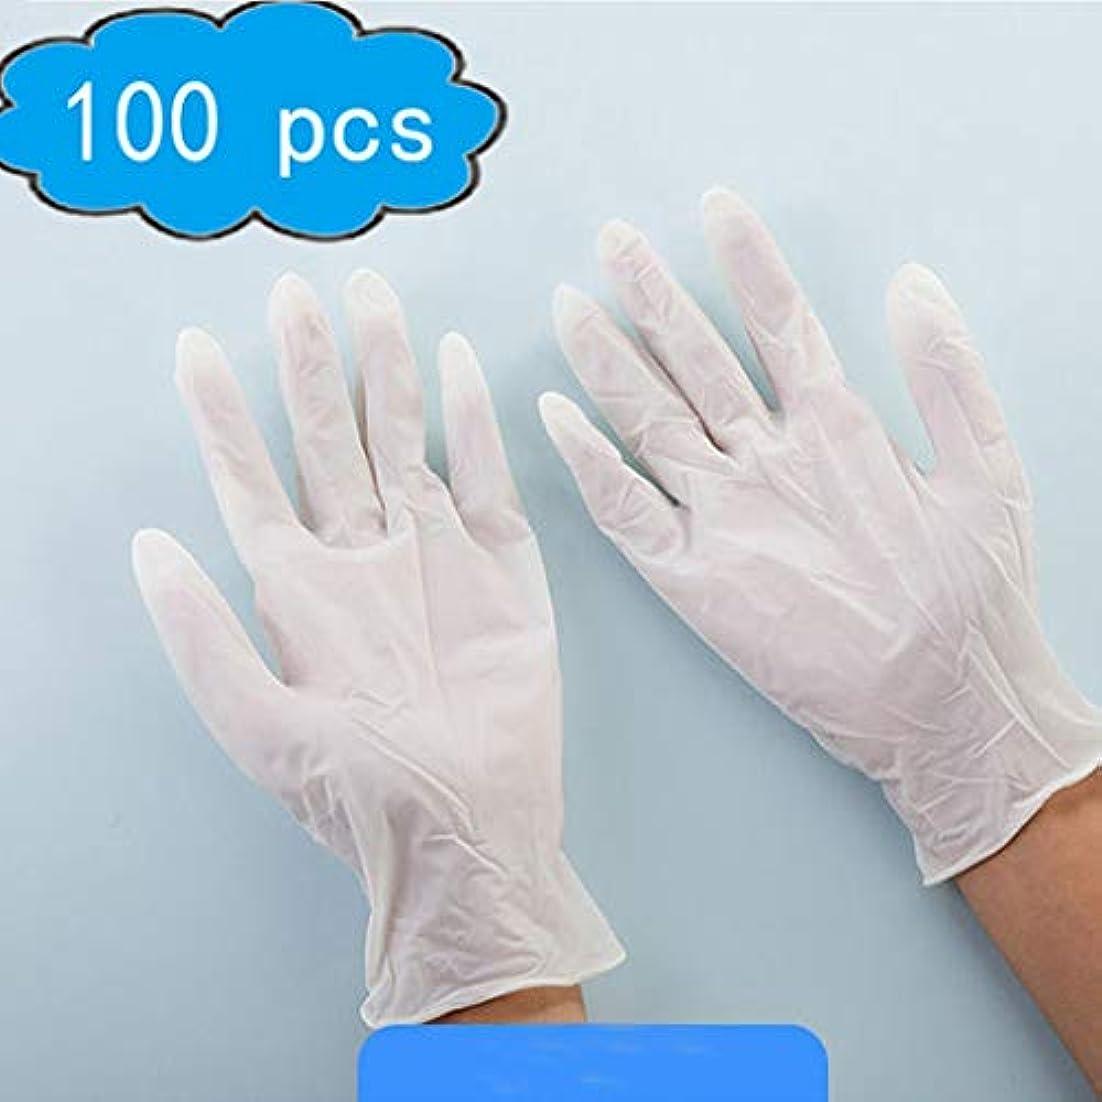 背が高いベアリングサークル島使い捨て手袋、厚手版、白い粉のない使い捨てニトリル手袋[100パック] - 大、サニタリー手袋、応急処置用品 (Color : White, Size : S)